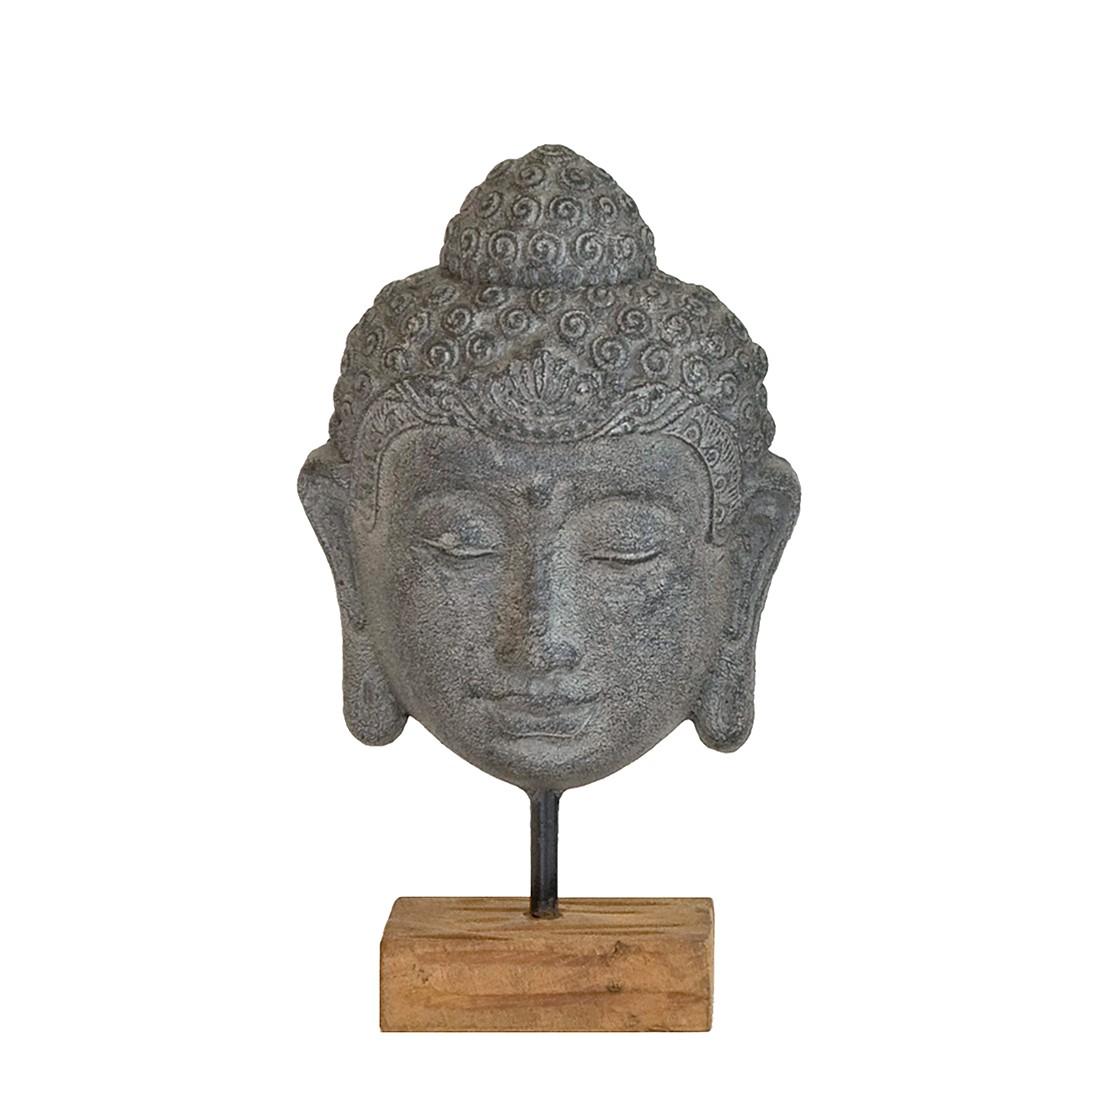 Skulptur Sleeping Buddha II – 25 x 35 x 10 cm, Jung & Söhne jetzt kaufen